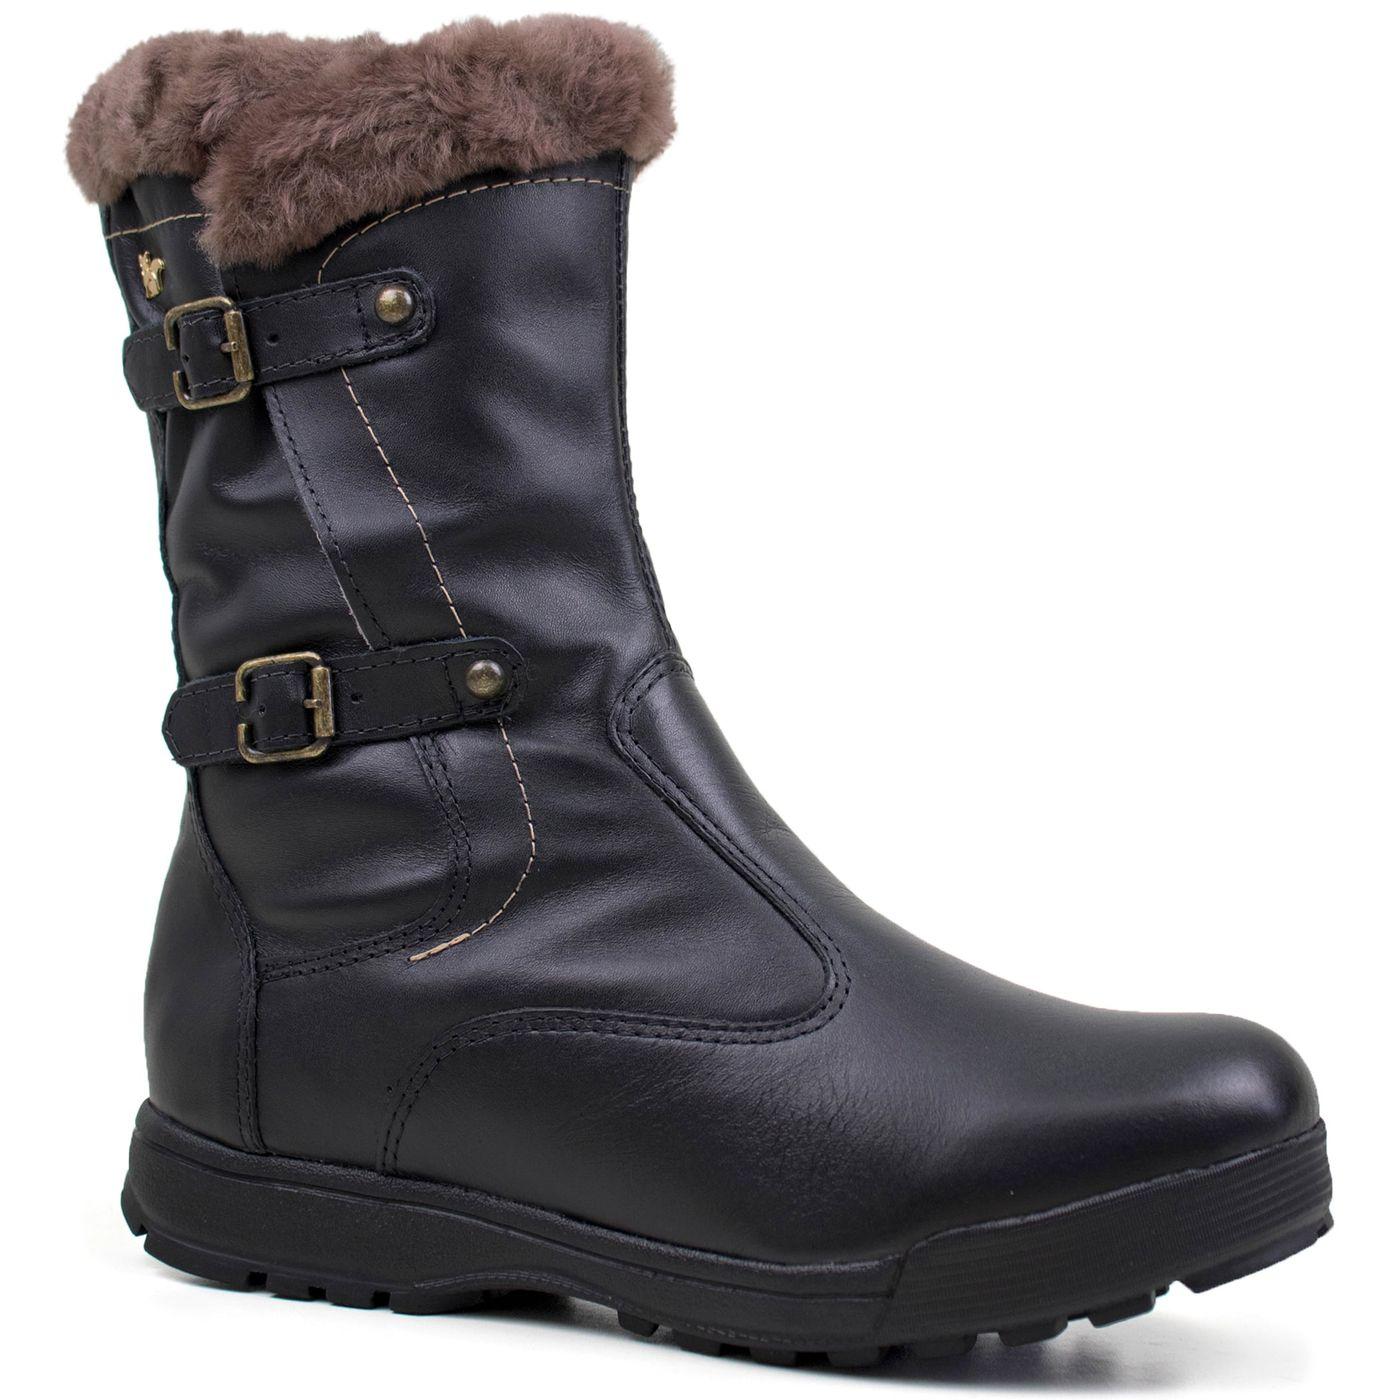 bf533cee21c6 Botas Femininas para Neve Forrada em Lã Natural | Fiero Shop - fieroshop